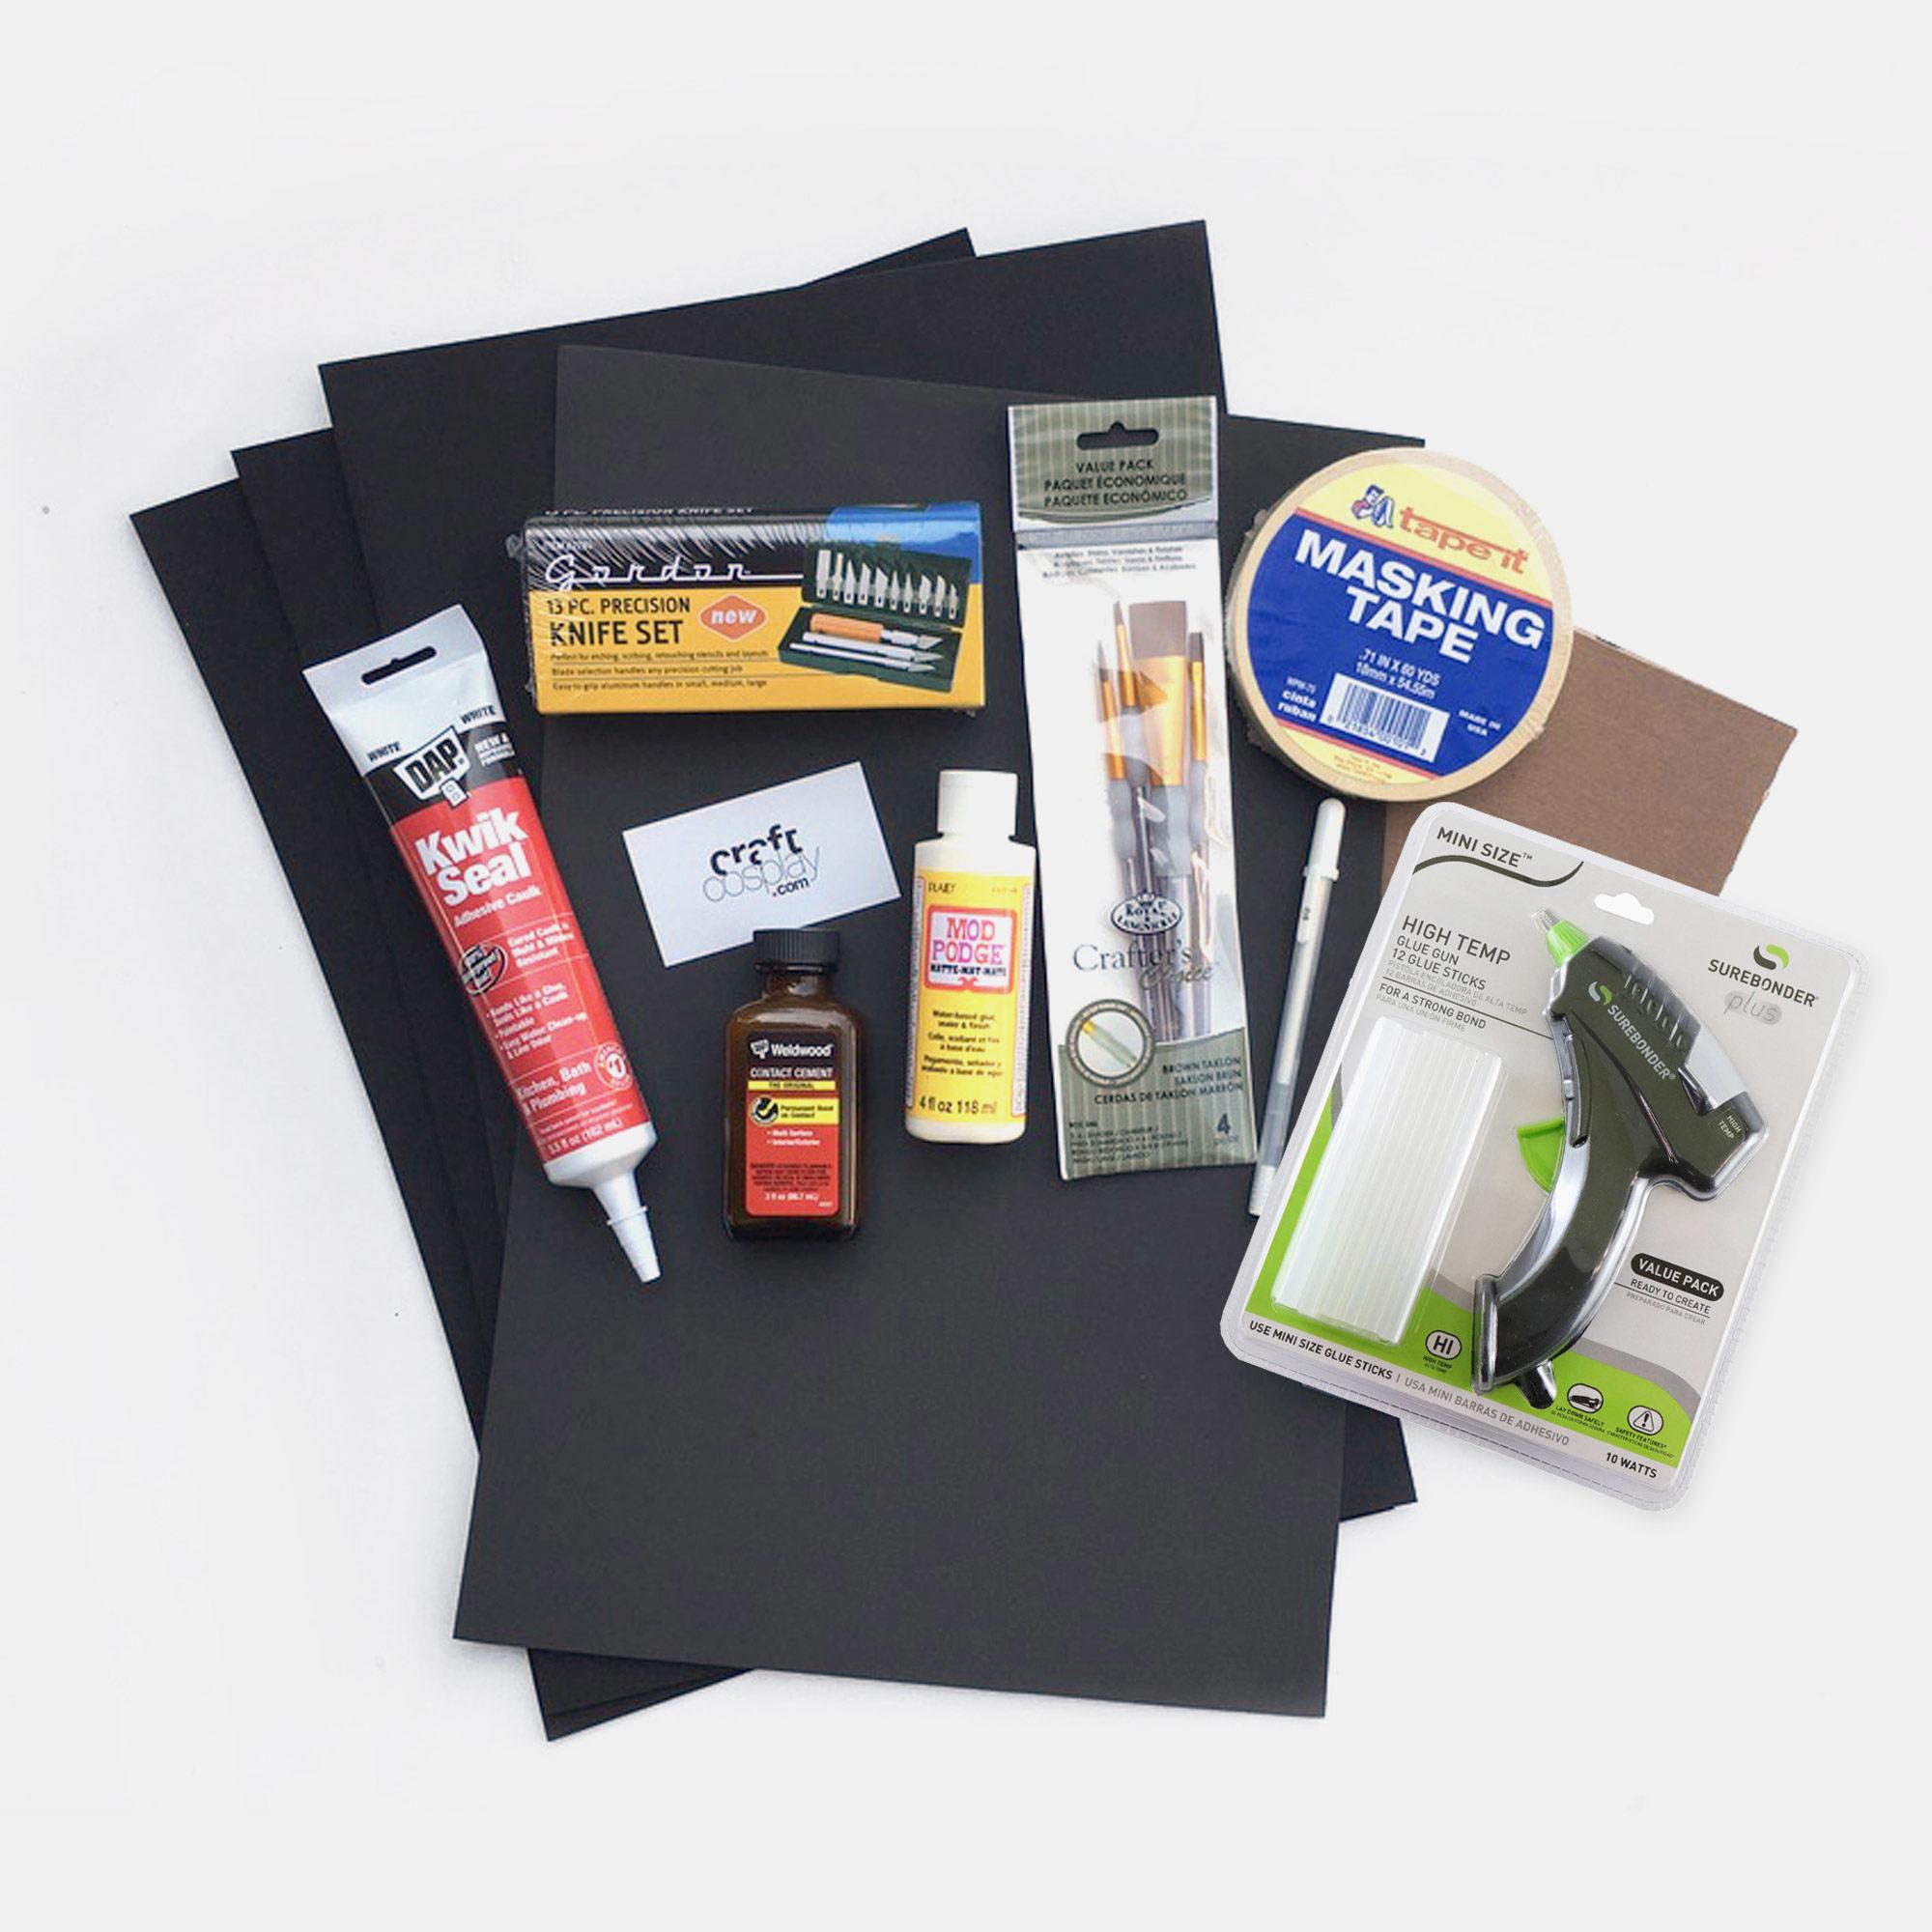 Foam Build Kit Contents